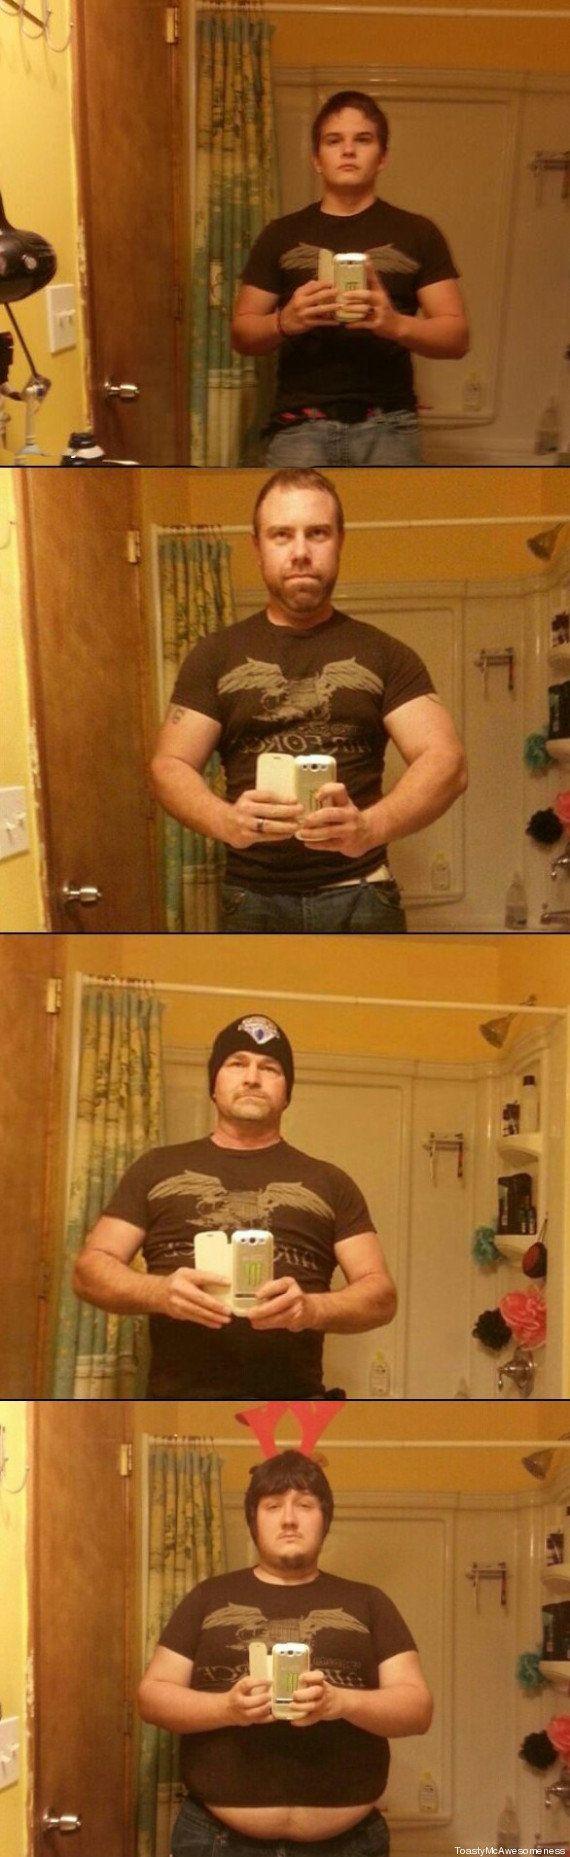 PHOTO. Il prend un selfie dans la salle de bain, toute sa famille